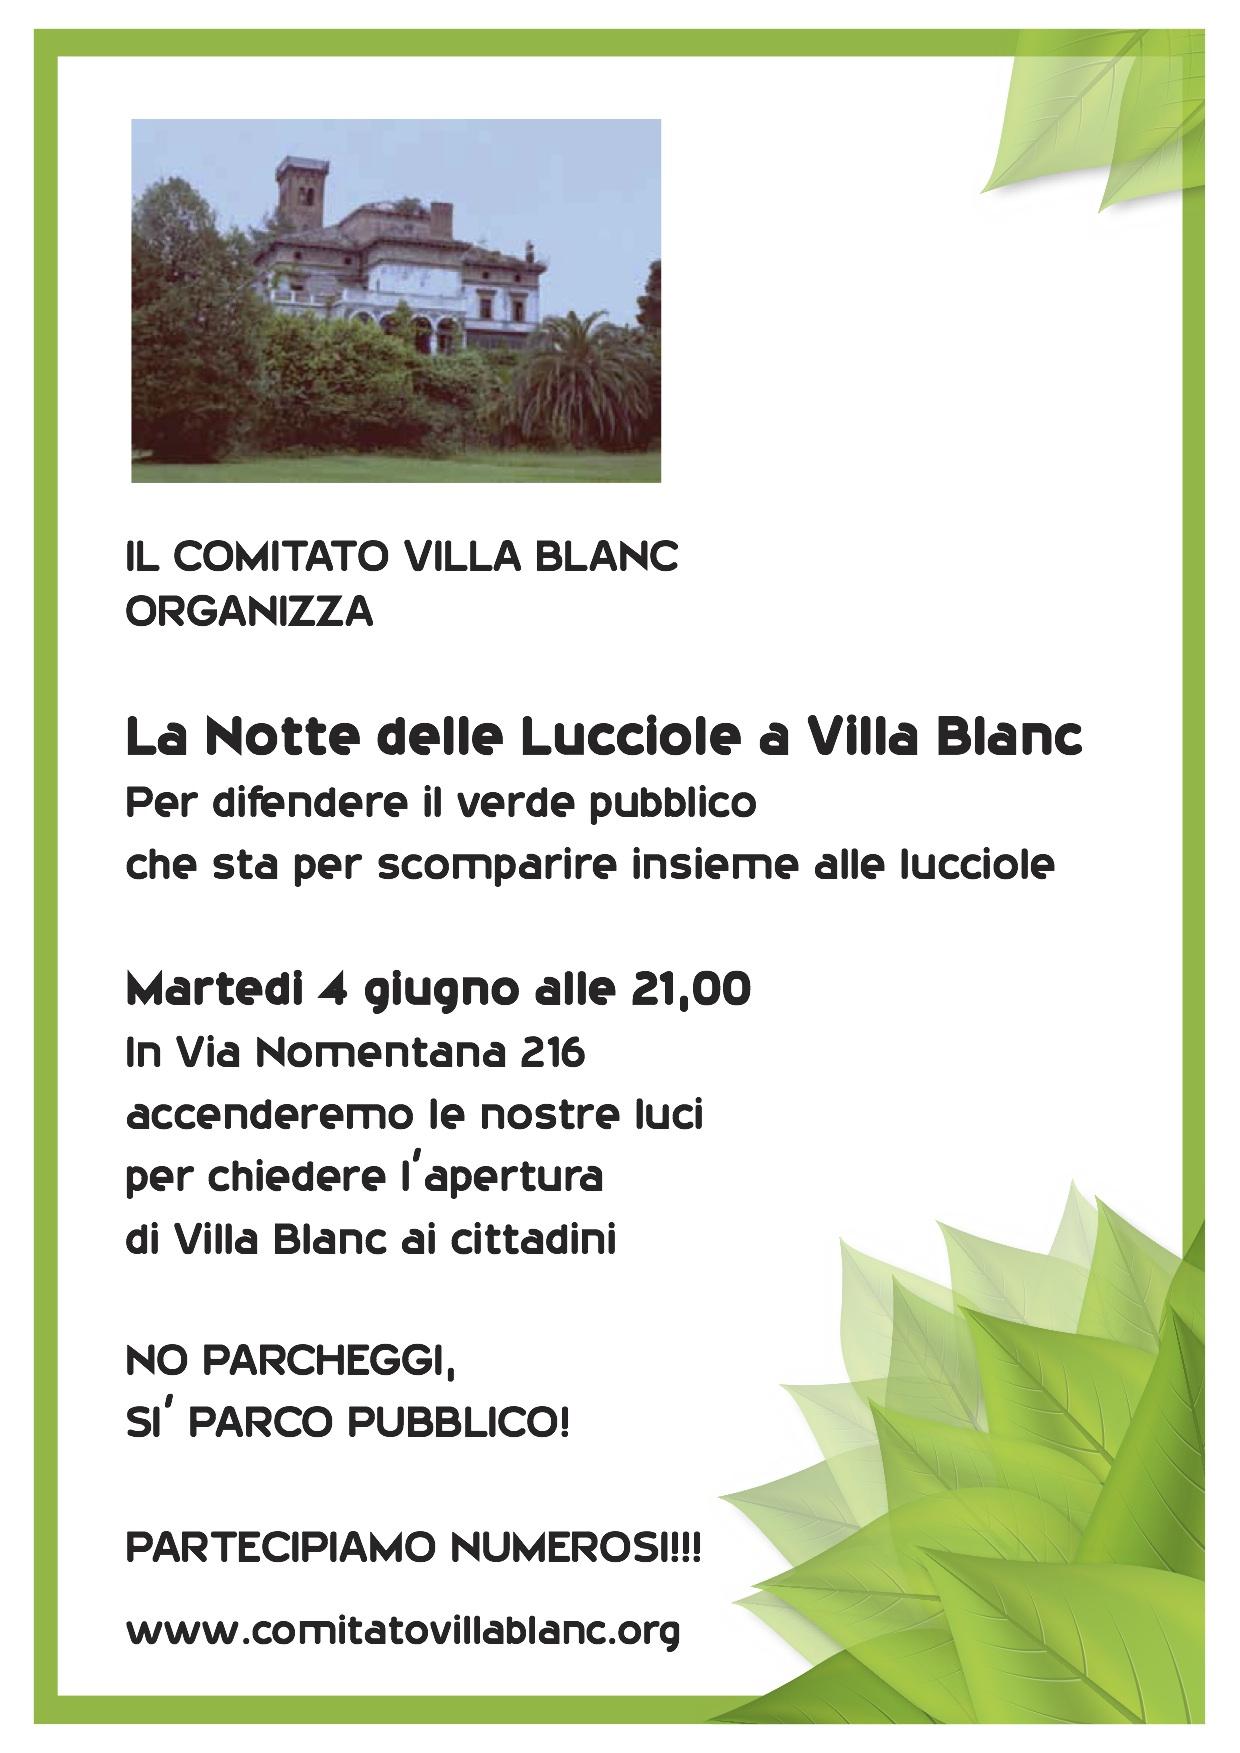 La notte delle Lucciole a Villa Blanc 4 Giugno 2013               ore 21 Via Nomentana 216 Roma